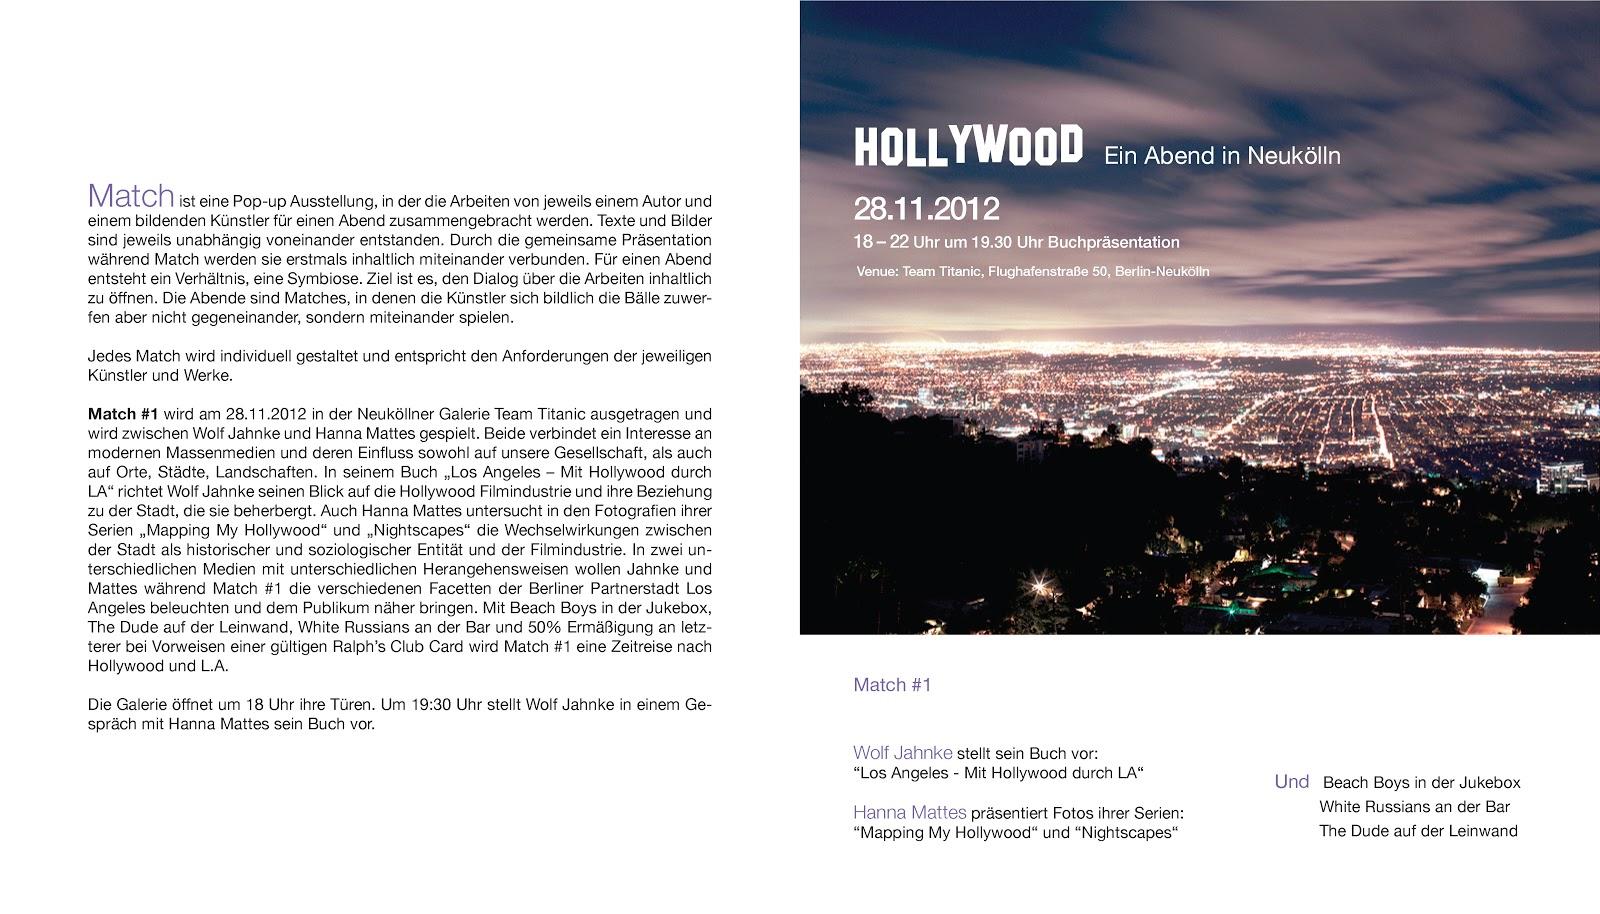 Bilder Galerie Einladung Postkarten Motive PokaMax - lustige bilder geburtstagseinladungen